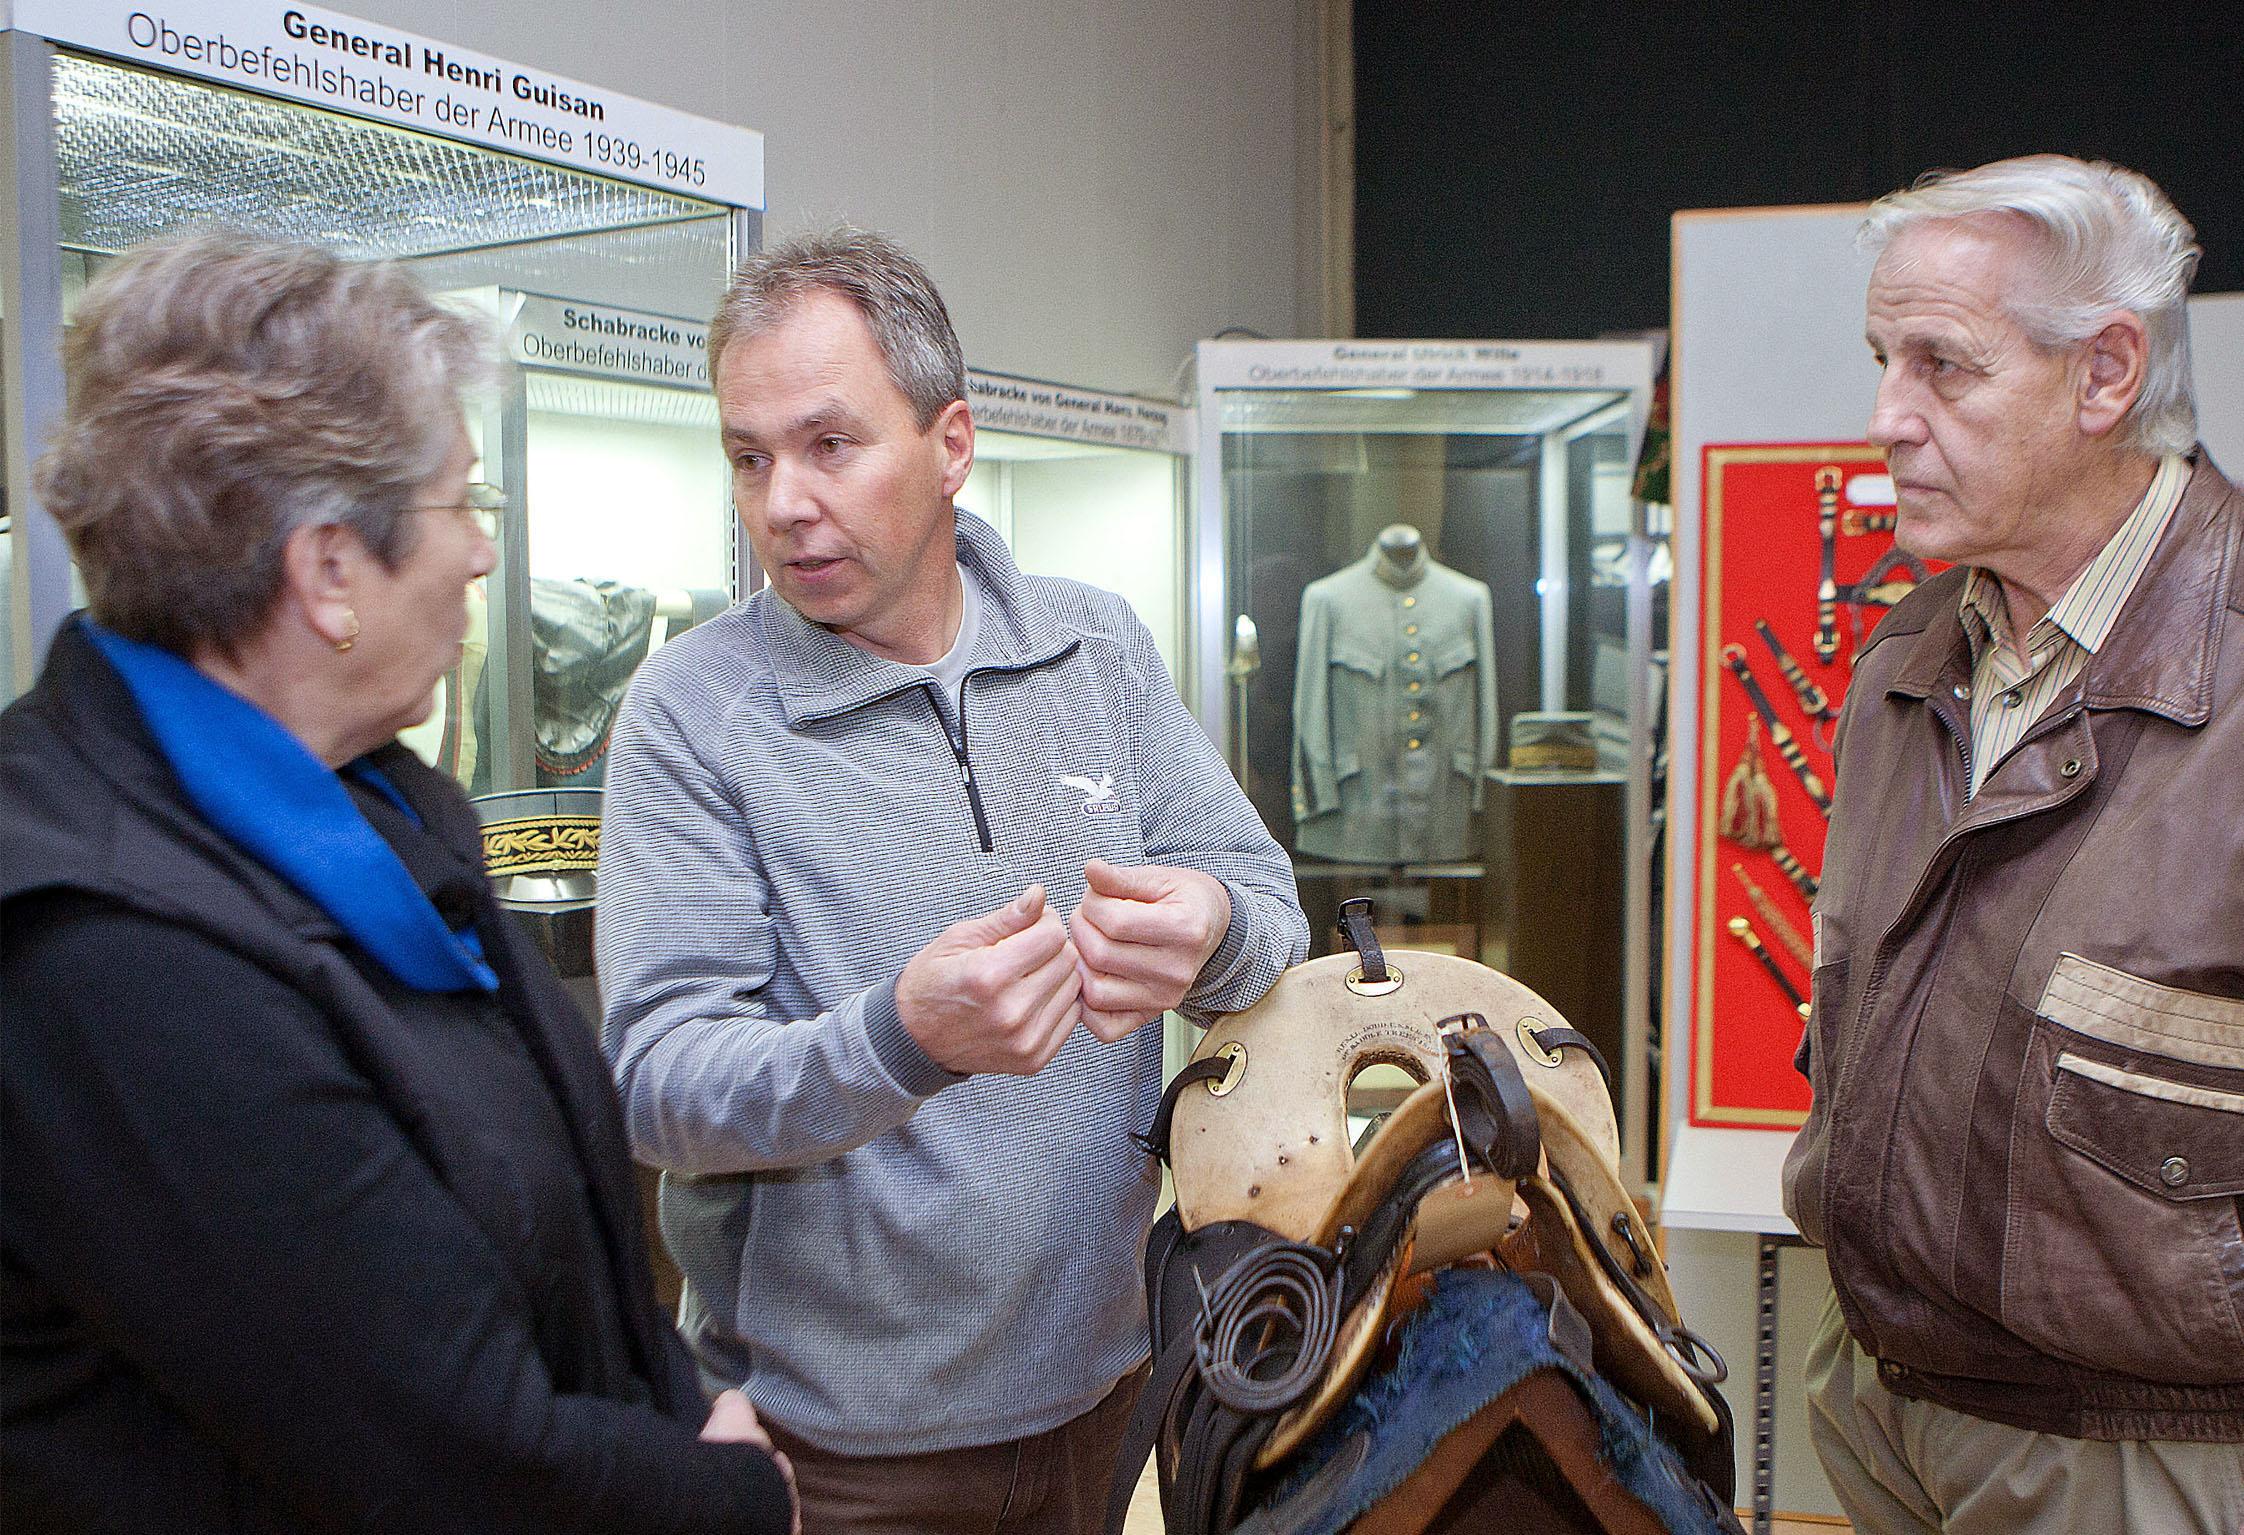 L'opportunité d'échanger des expériences avec les spécialistes. Rolf Grünenwald, sellier de métier et actif en tant que restaurateur, en discussion avec des visiteurs intéressés.